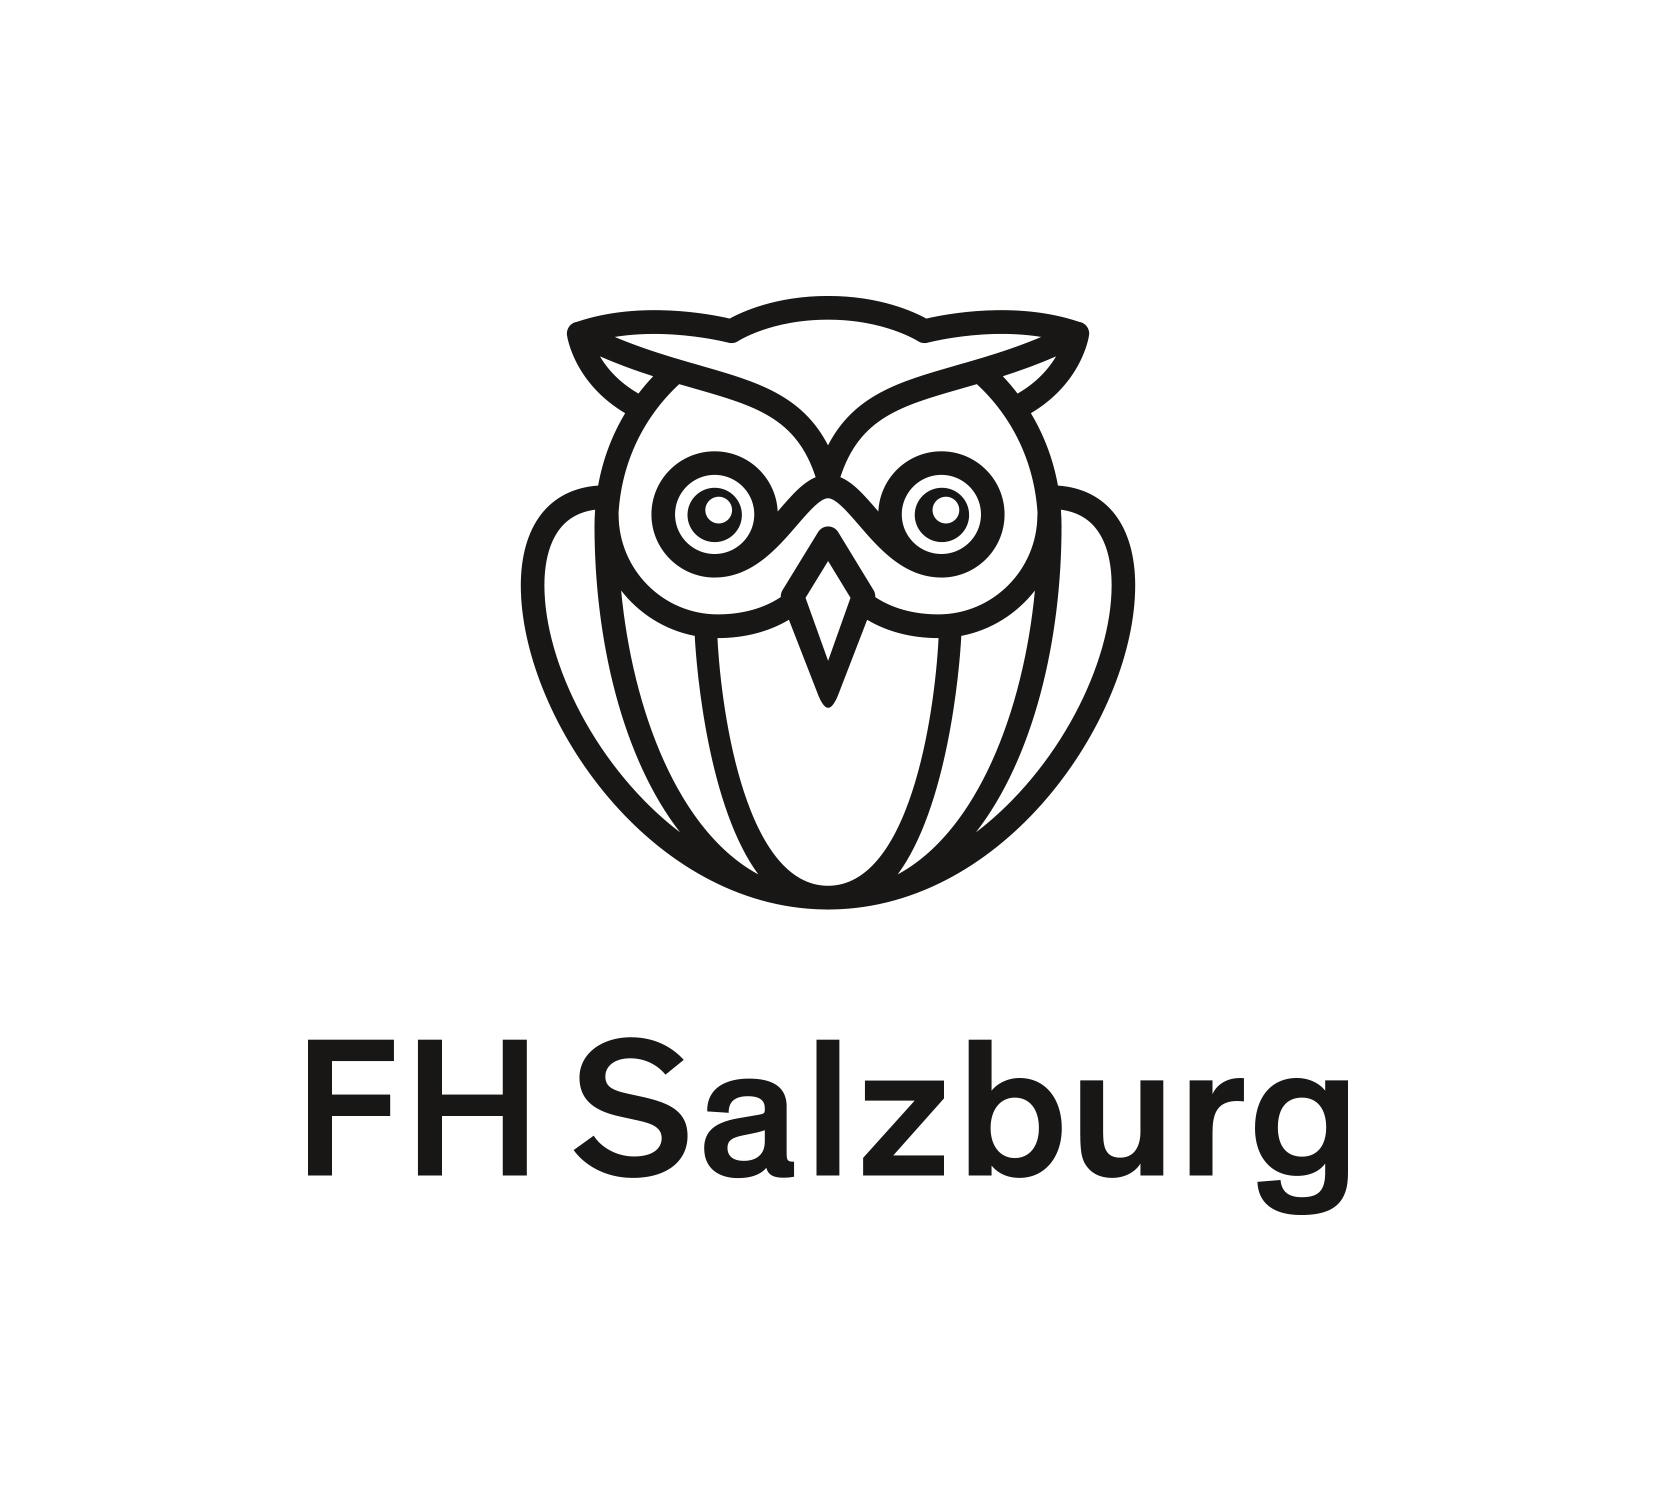 FH Salzburg